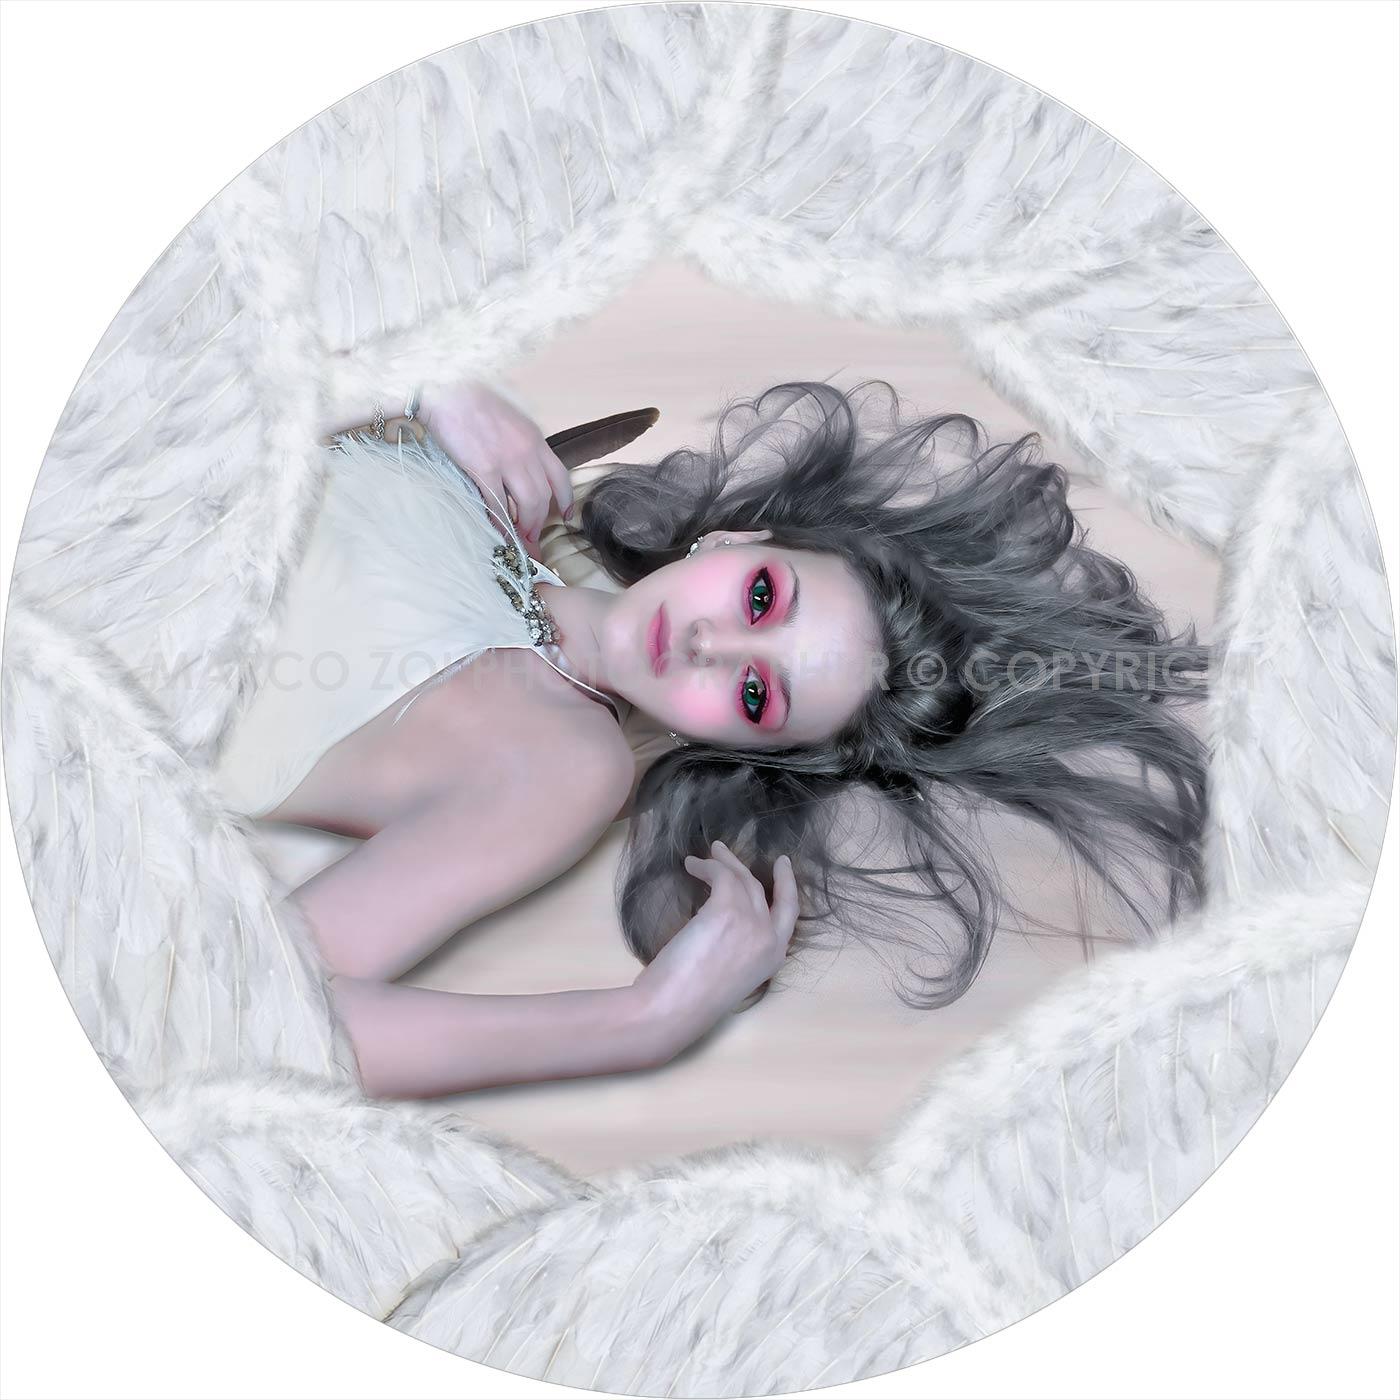 Angel in love - zoi marco